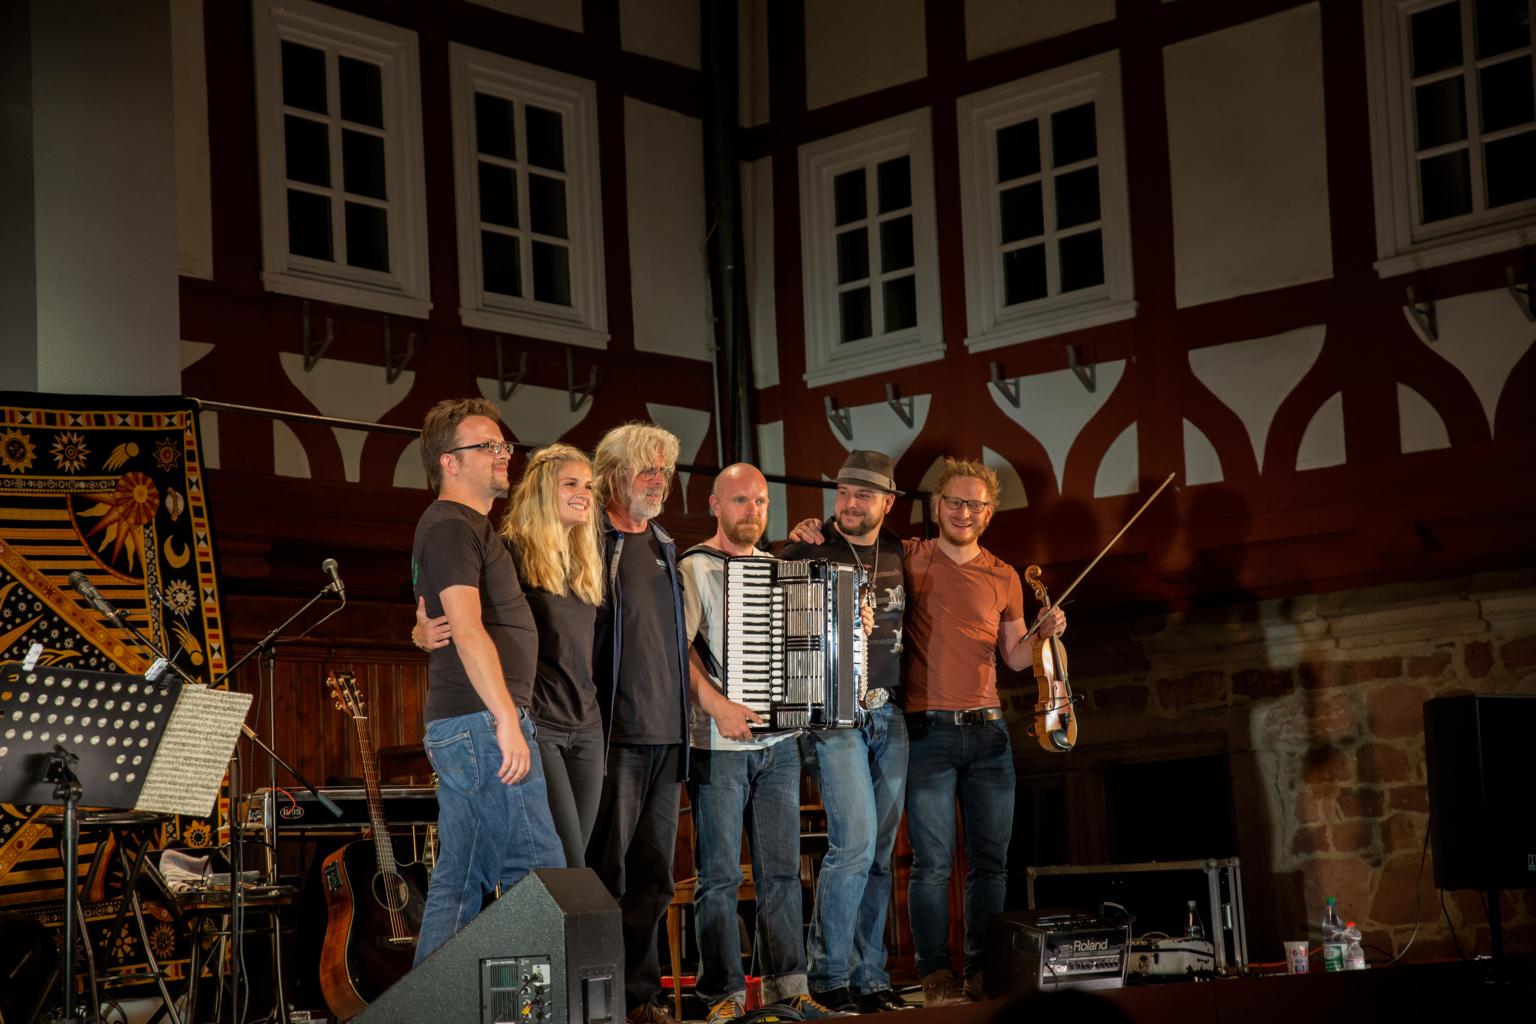 Shiregreen_Eichhof_Hersfeld_Festspiele_Band